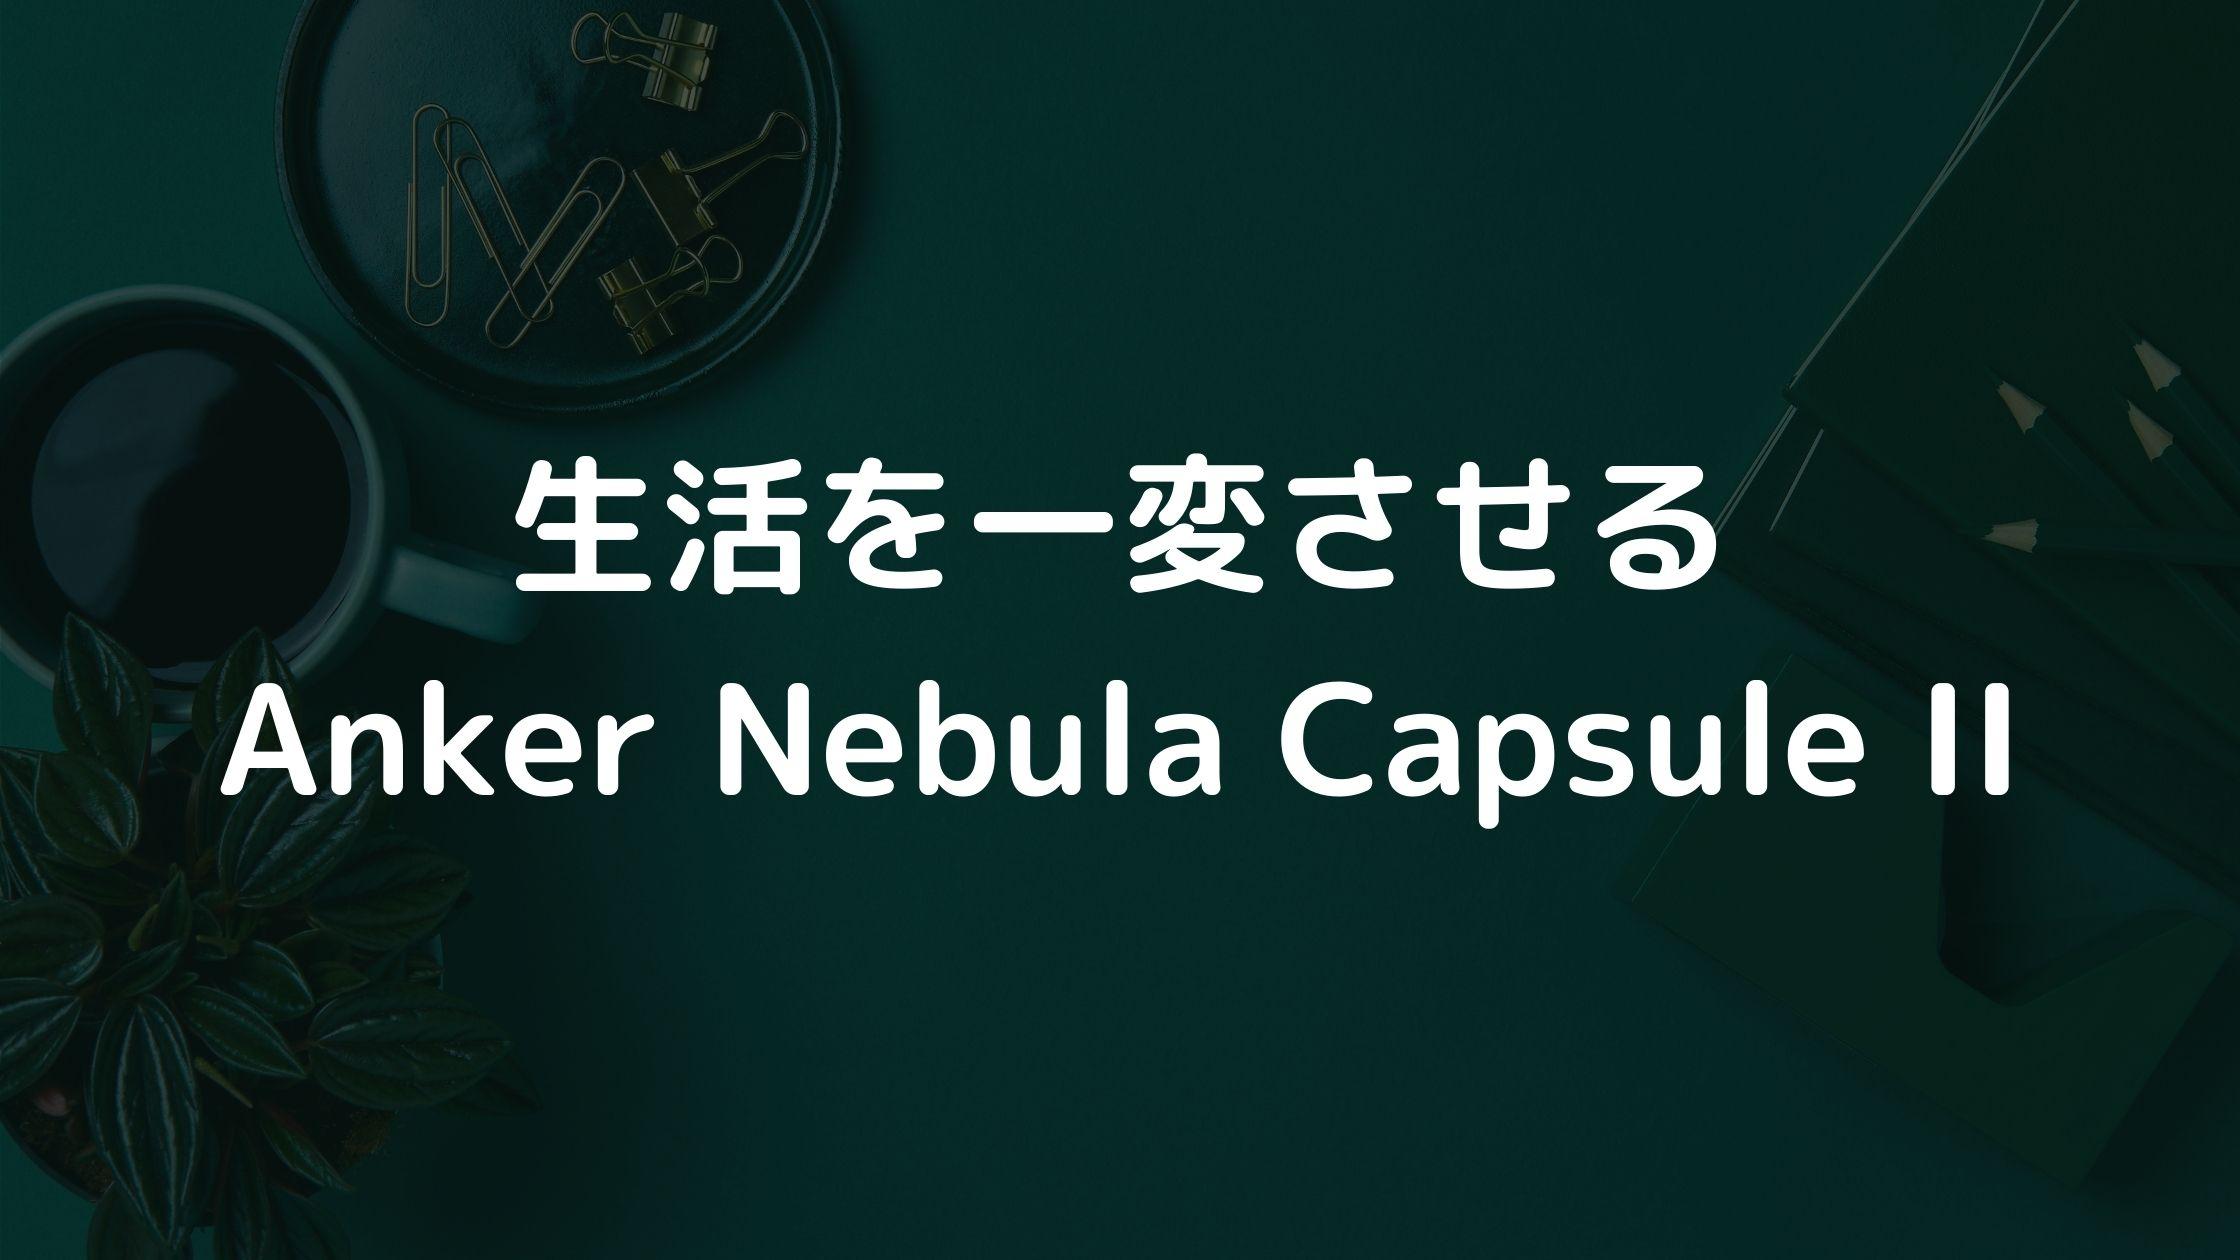 【絶賛の嵐】Anker Nebula Capsule II モバイルプロジェクターの口コミまとめ